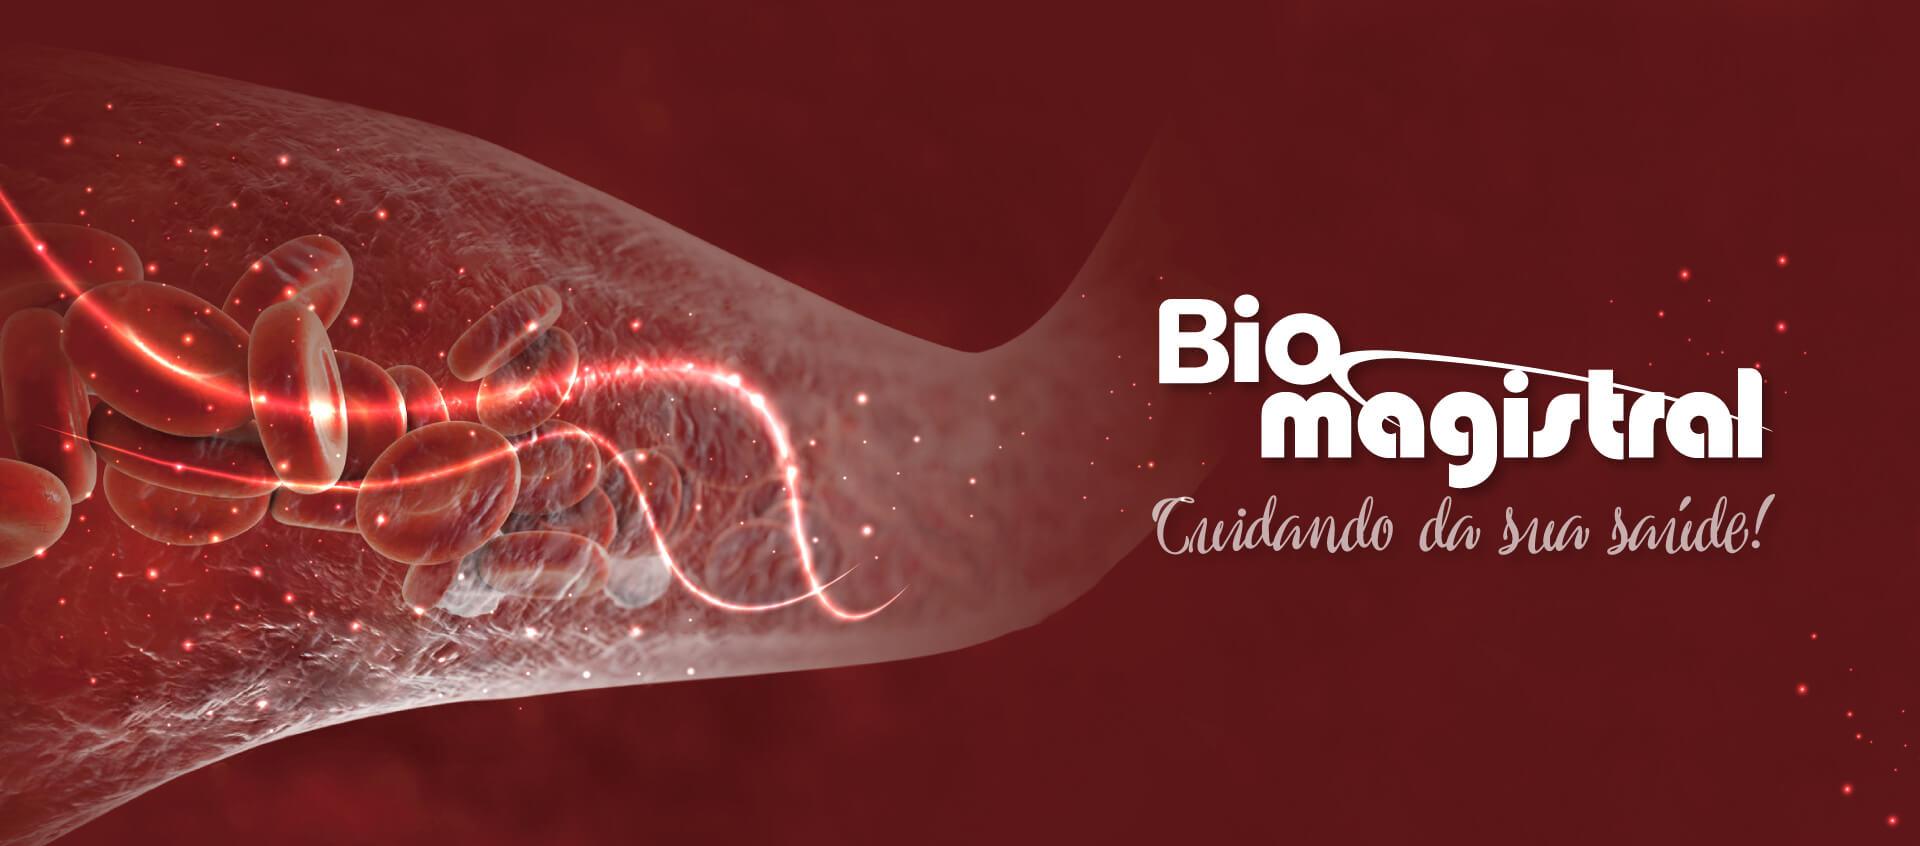 Bio Magistral 2018